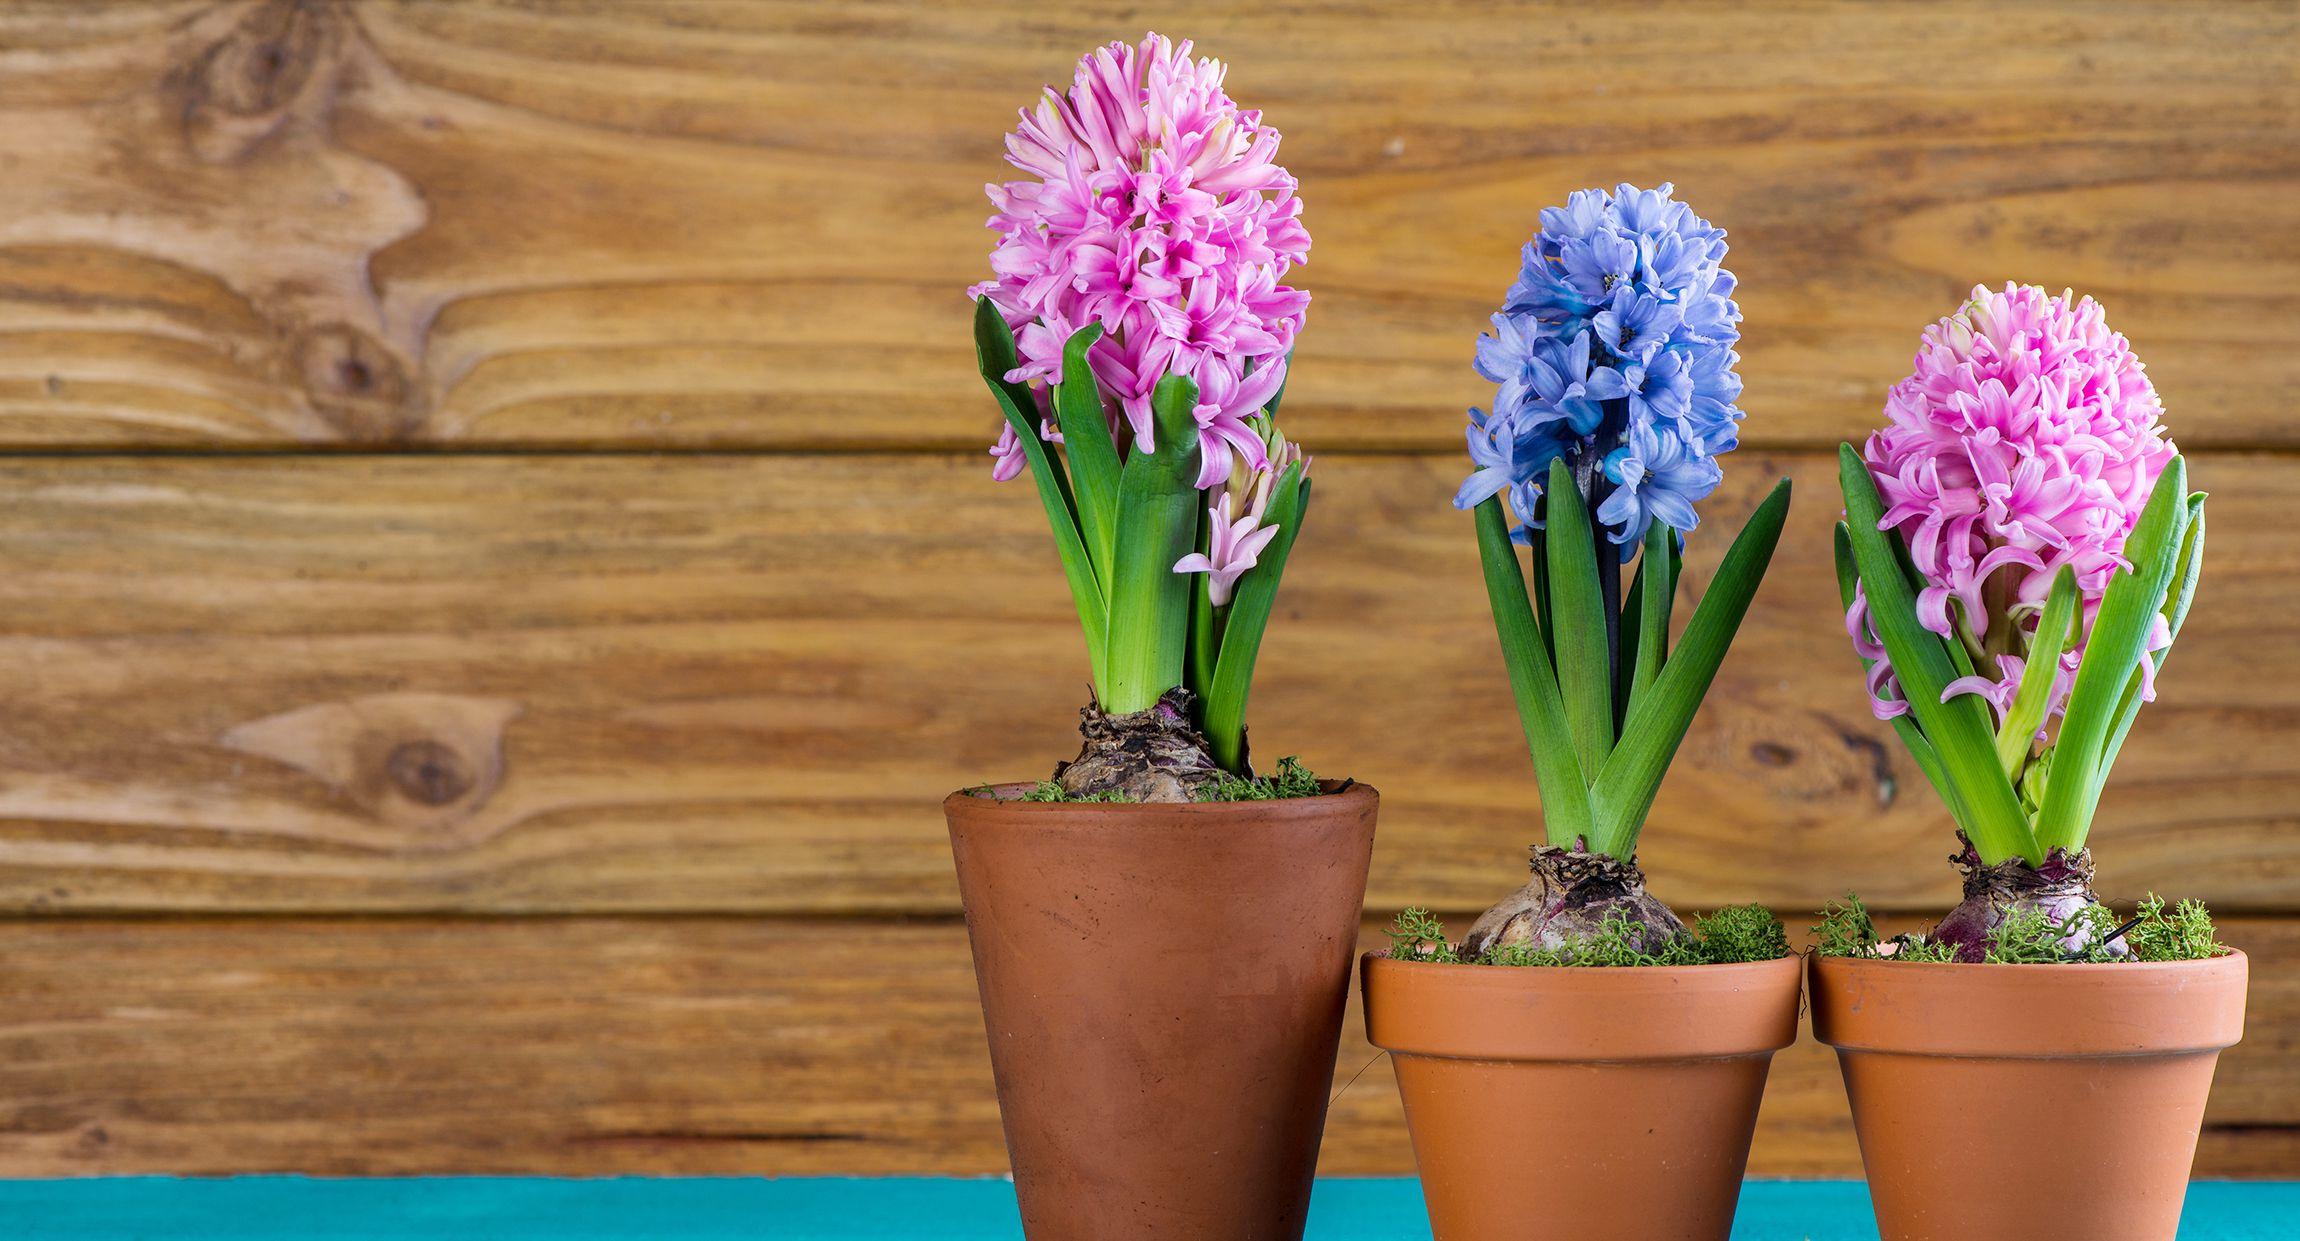 Hajtatott nárcisz, jácint, tulipán - hogyan gondozzuk őket elnyílás után?